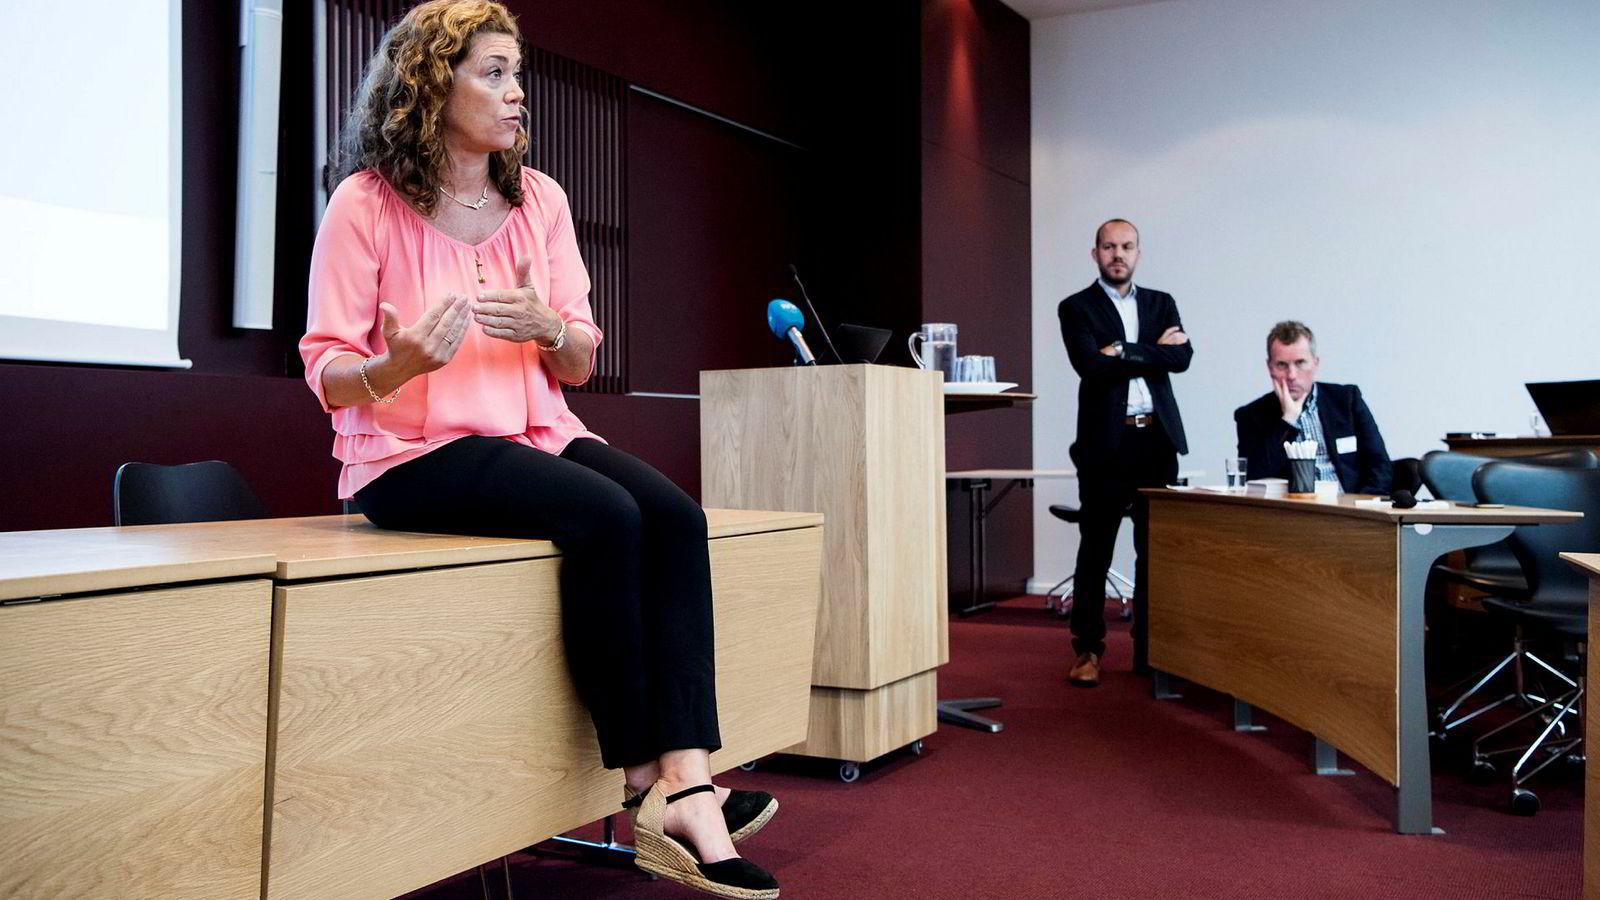 45 prosent av de spurte trekker frem at lavere skatter og avgifter bør prioriteres av myndighetene for å sikre bedriftens suksess,viser en undersøkelse presentert av administrerende direktør Kristin Skogen Lund i NHO.